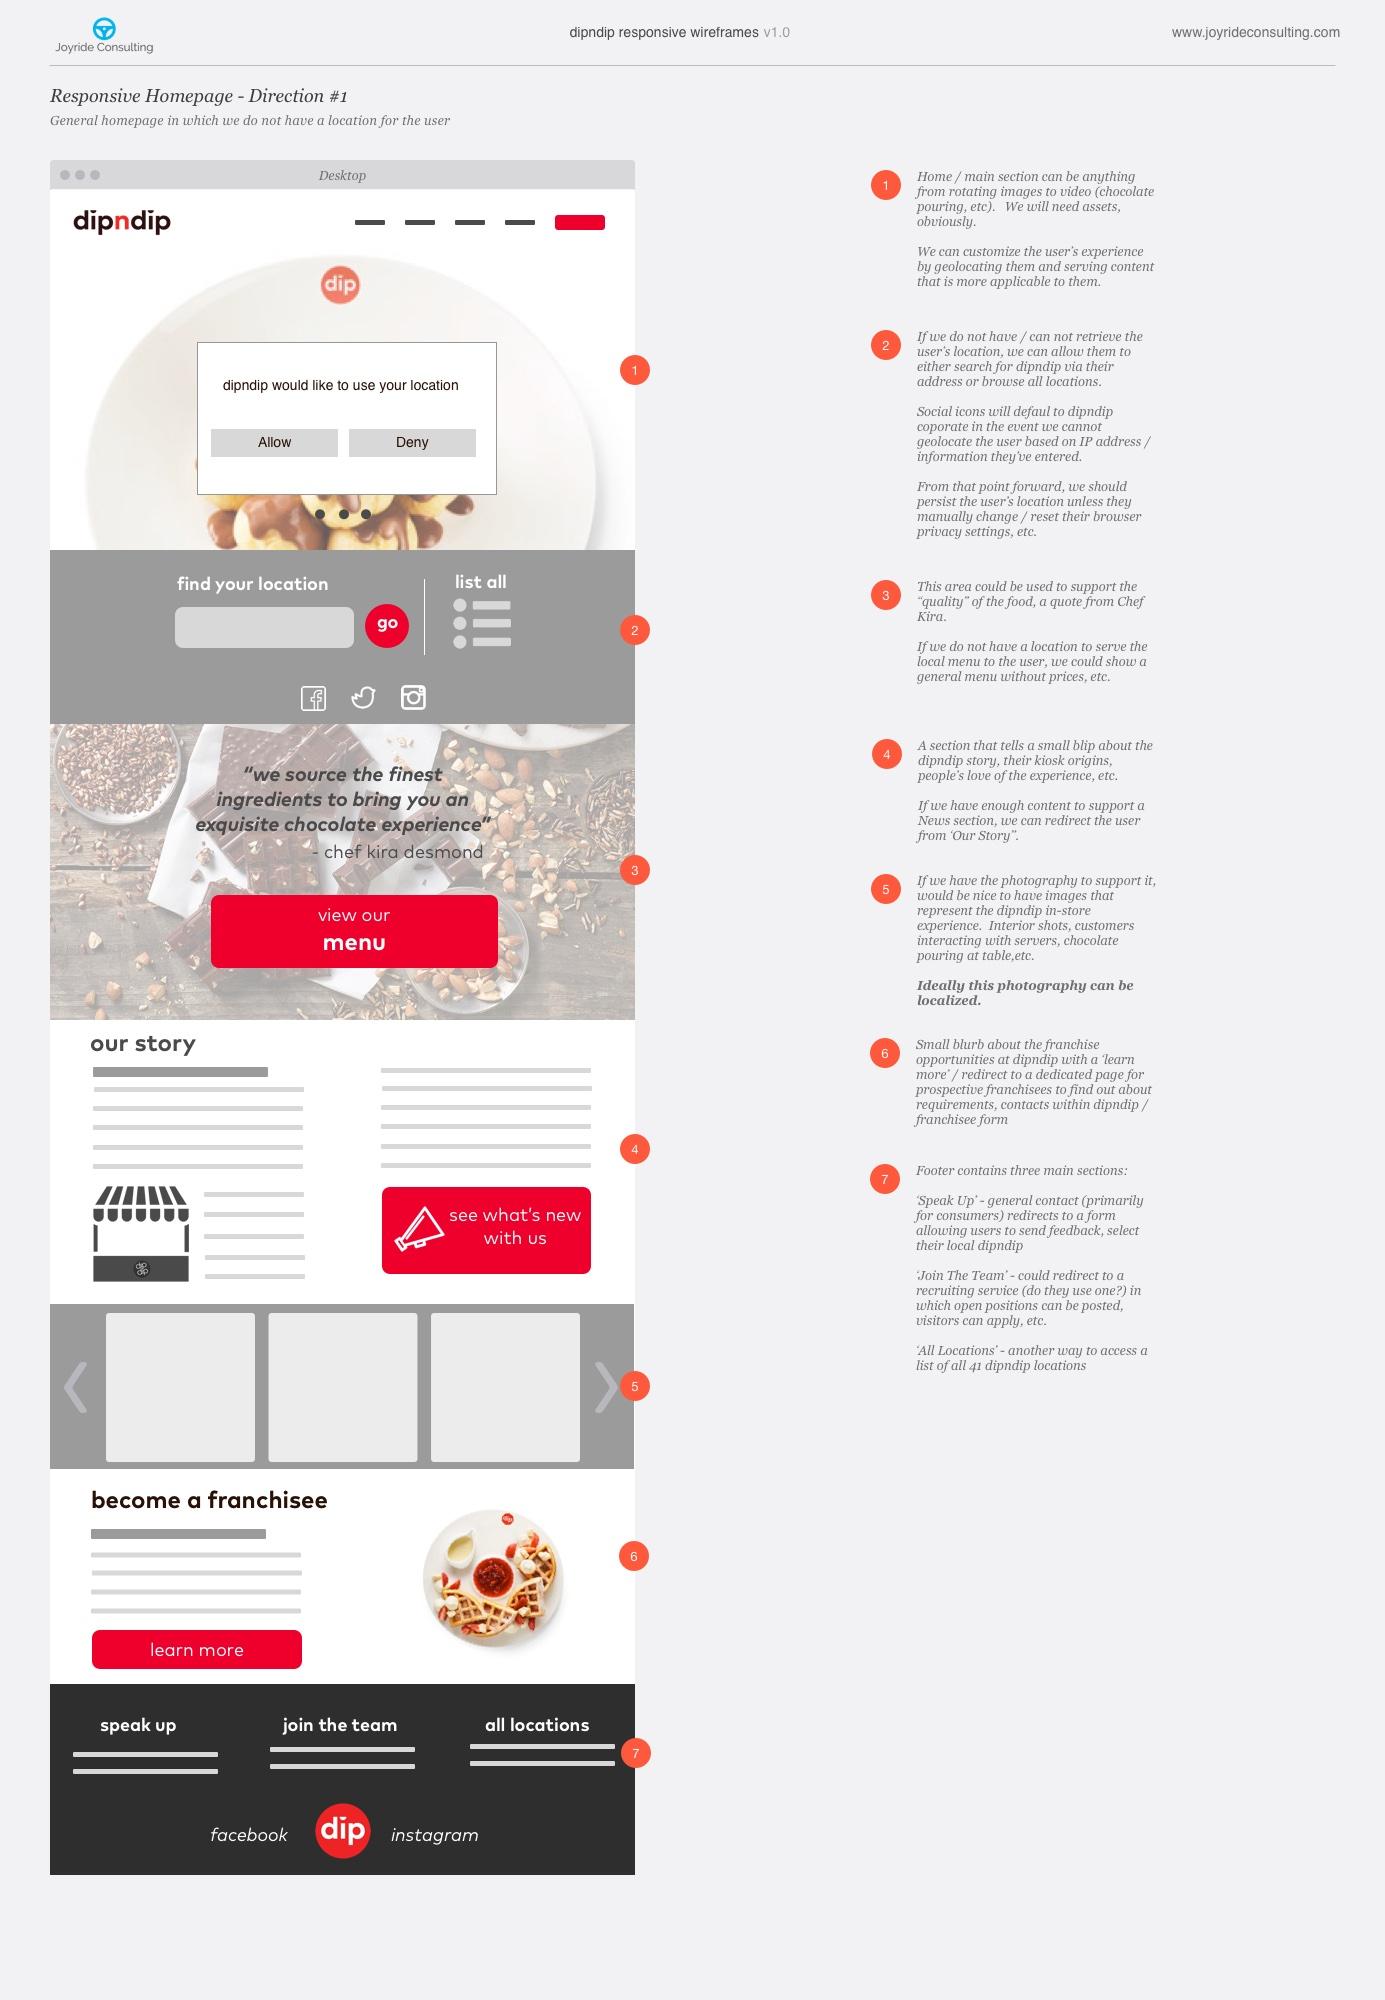 01 - dipndip - responsive homepage.jpg